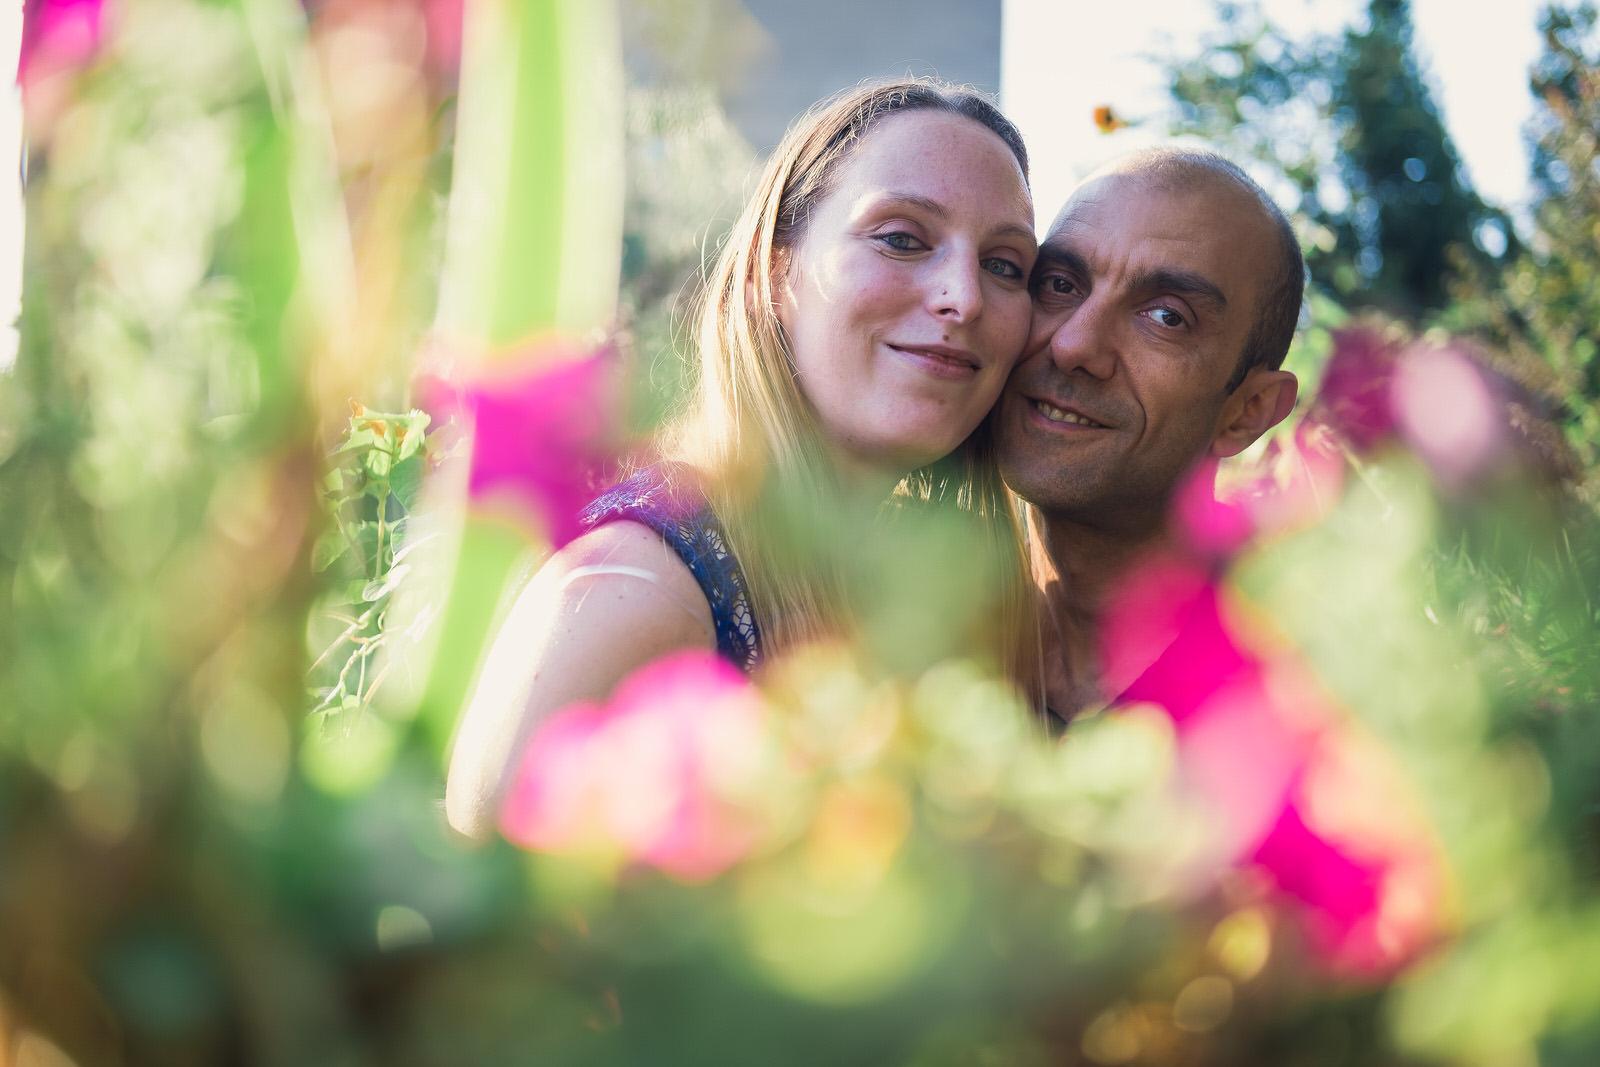 foto coppia giardino san michele trieste